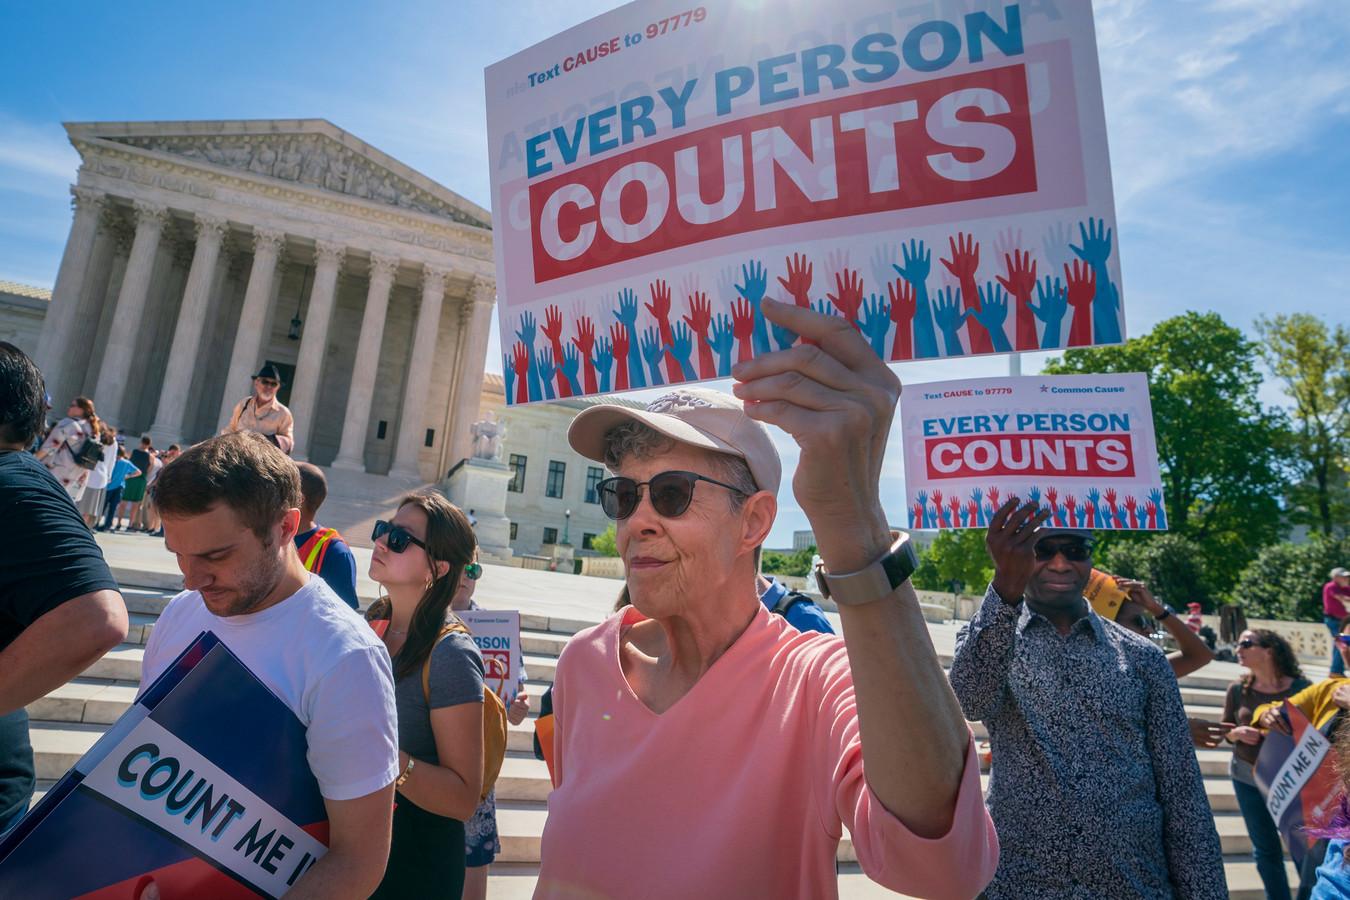 Archiefbeeld. Demonstranten op de treden van het Hooggerechtshof in Washington DC. (23/04/2019)